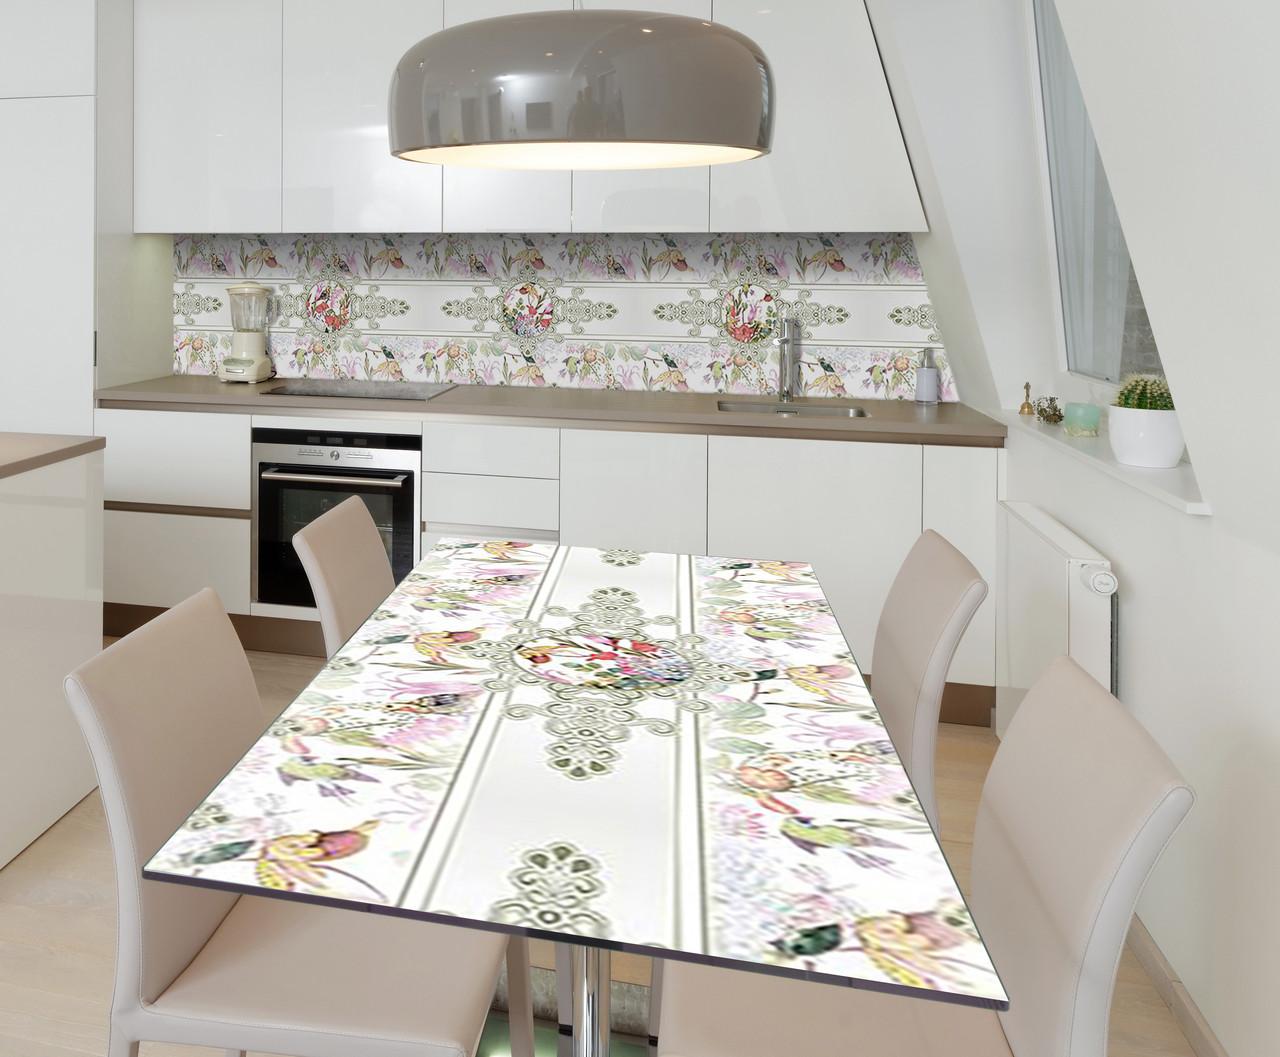 Наклейка 3Д виниловая на стол Zatarga «Пчичьи виньетки» 650х1200 мм для домов, квартир, столов, кофейн, кафе